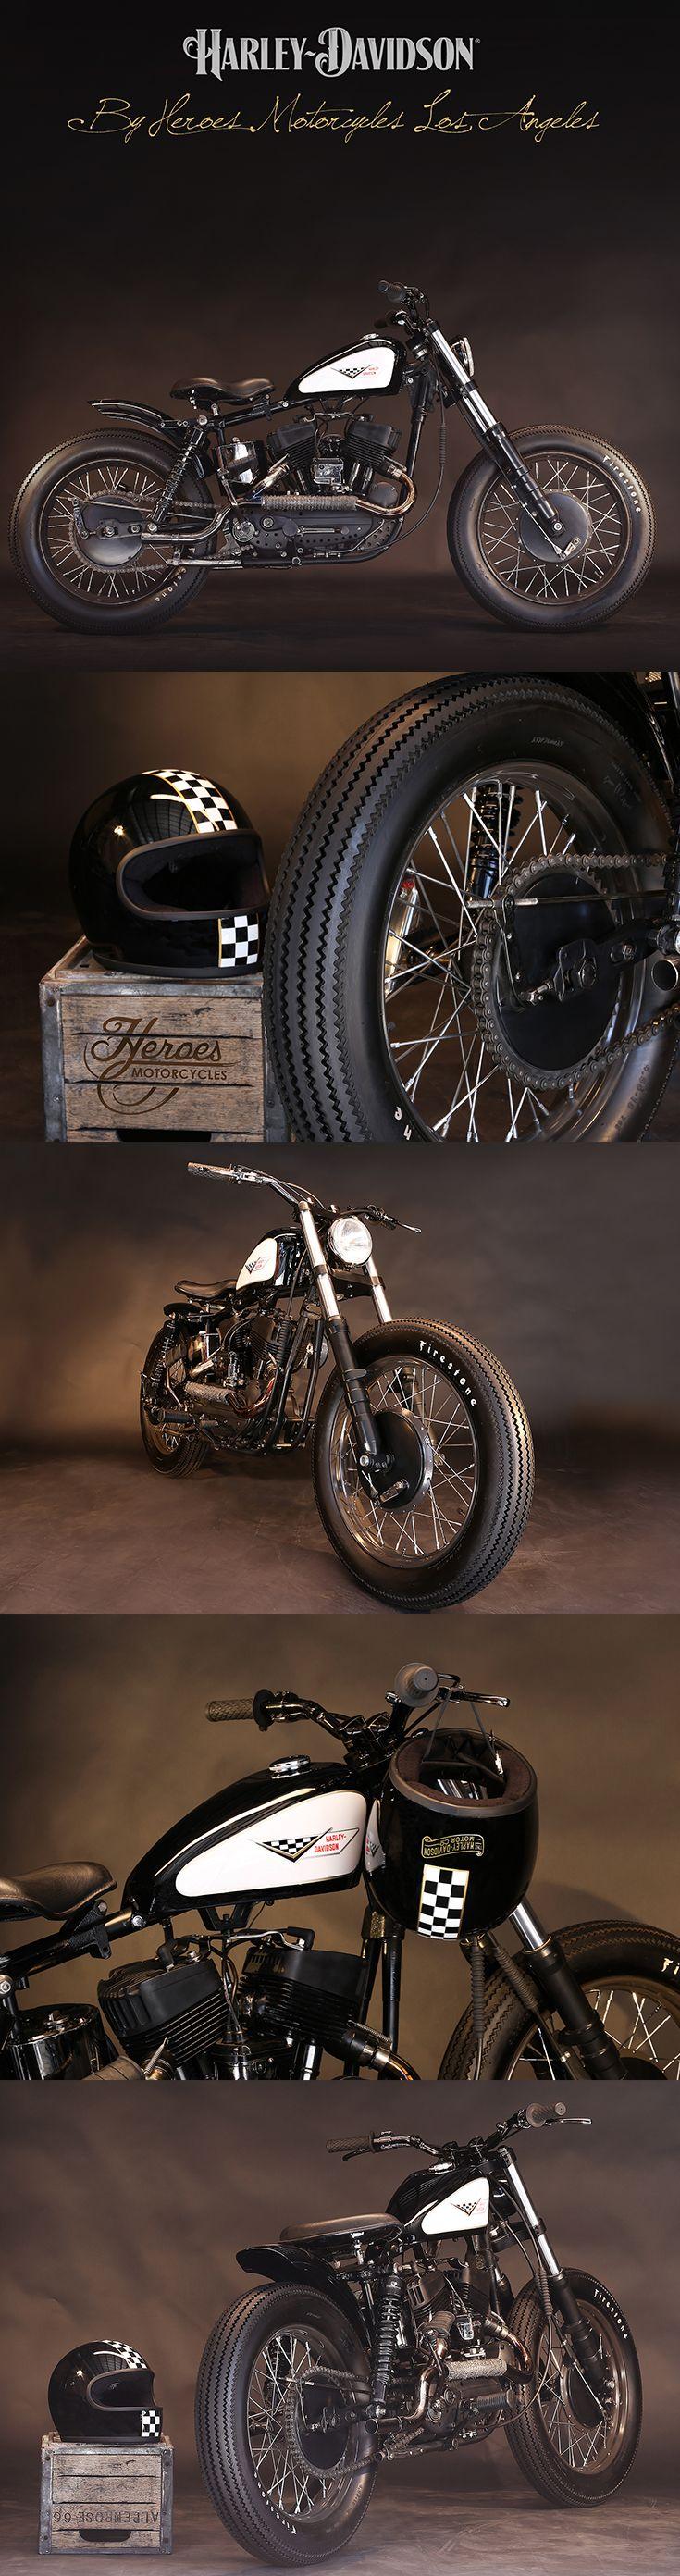 1955 HARLEY DAVIDSON 900cc